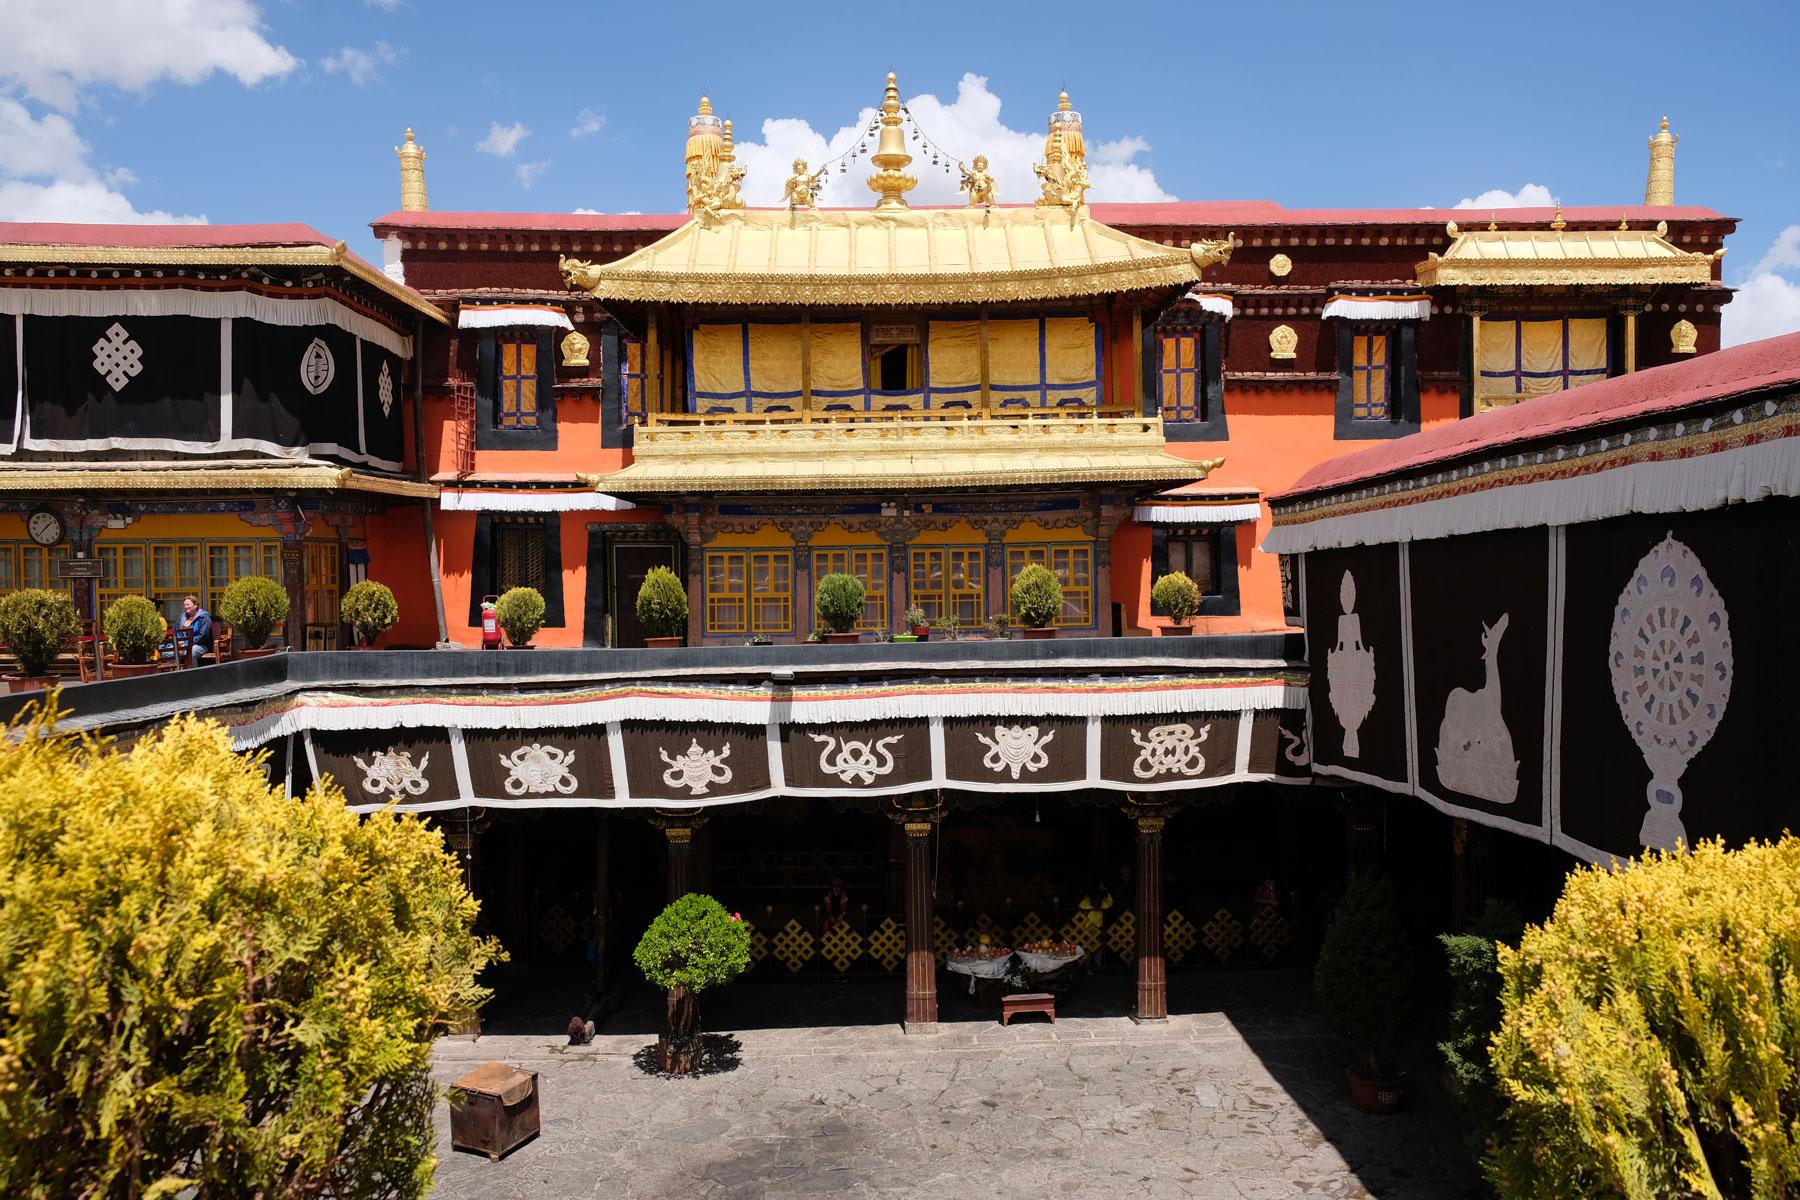 Der Jokhang ist das bedeutenste Heiligtum in der Altstadt Lhasas.